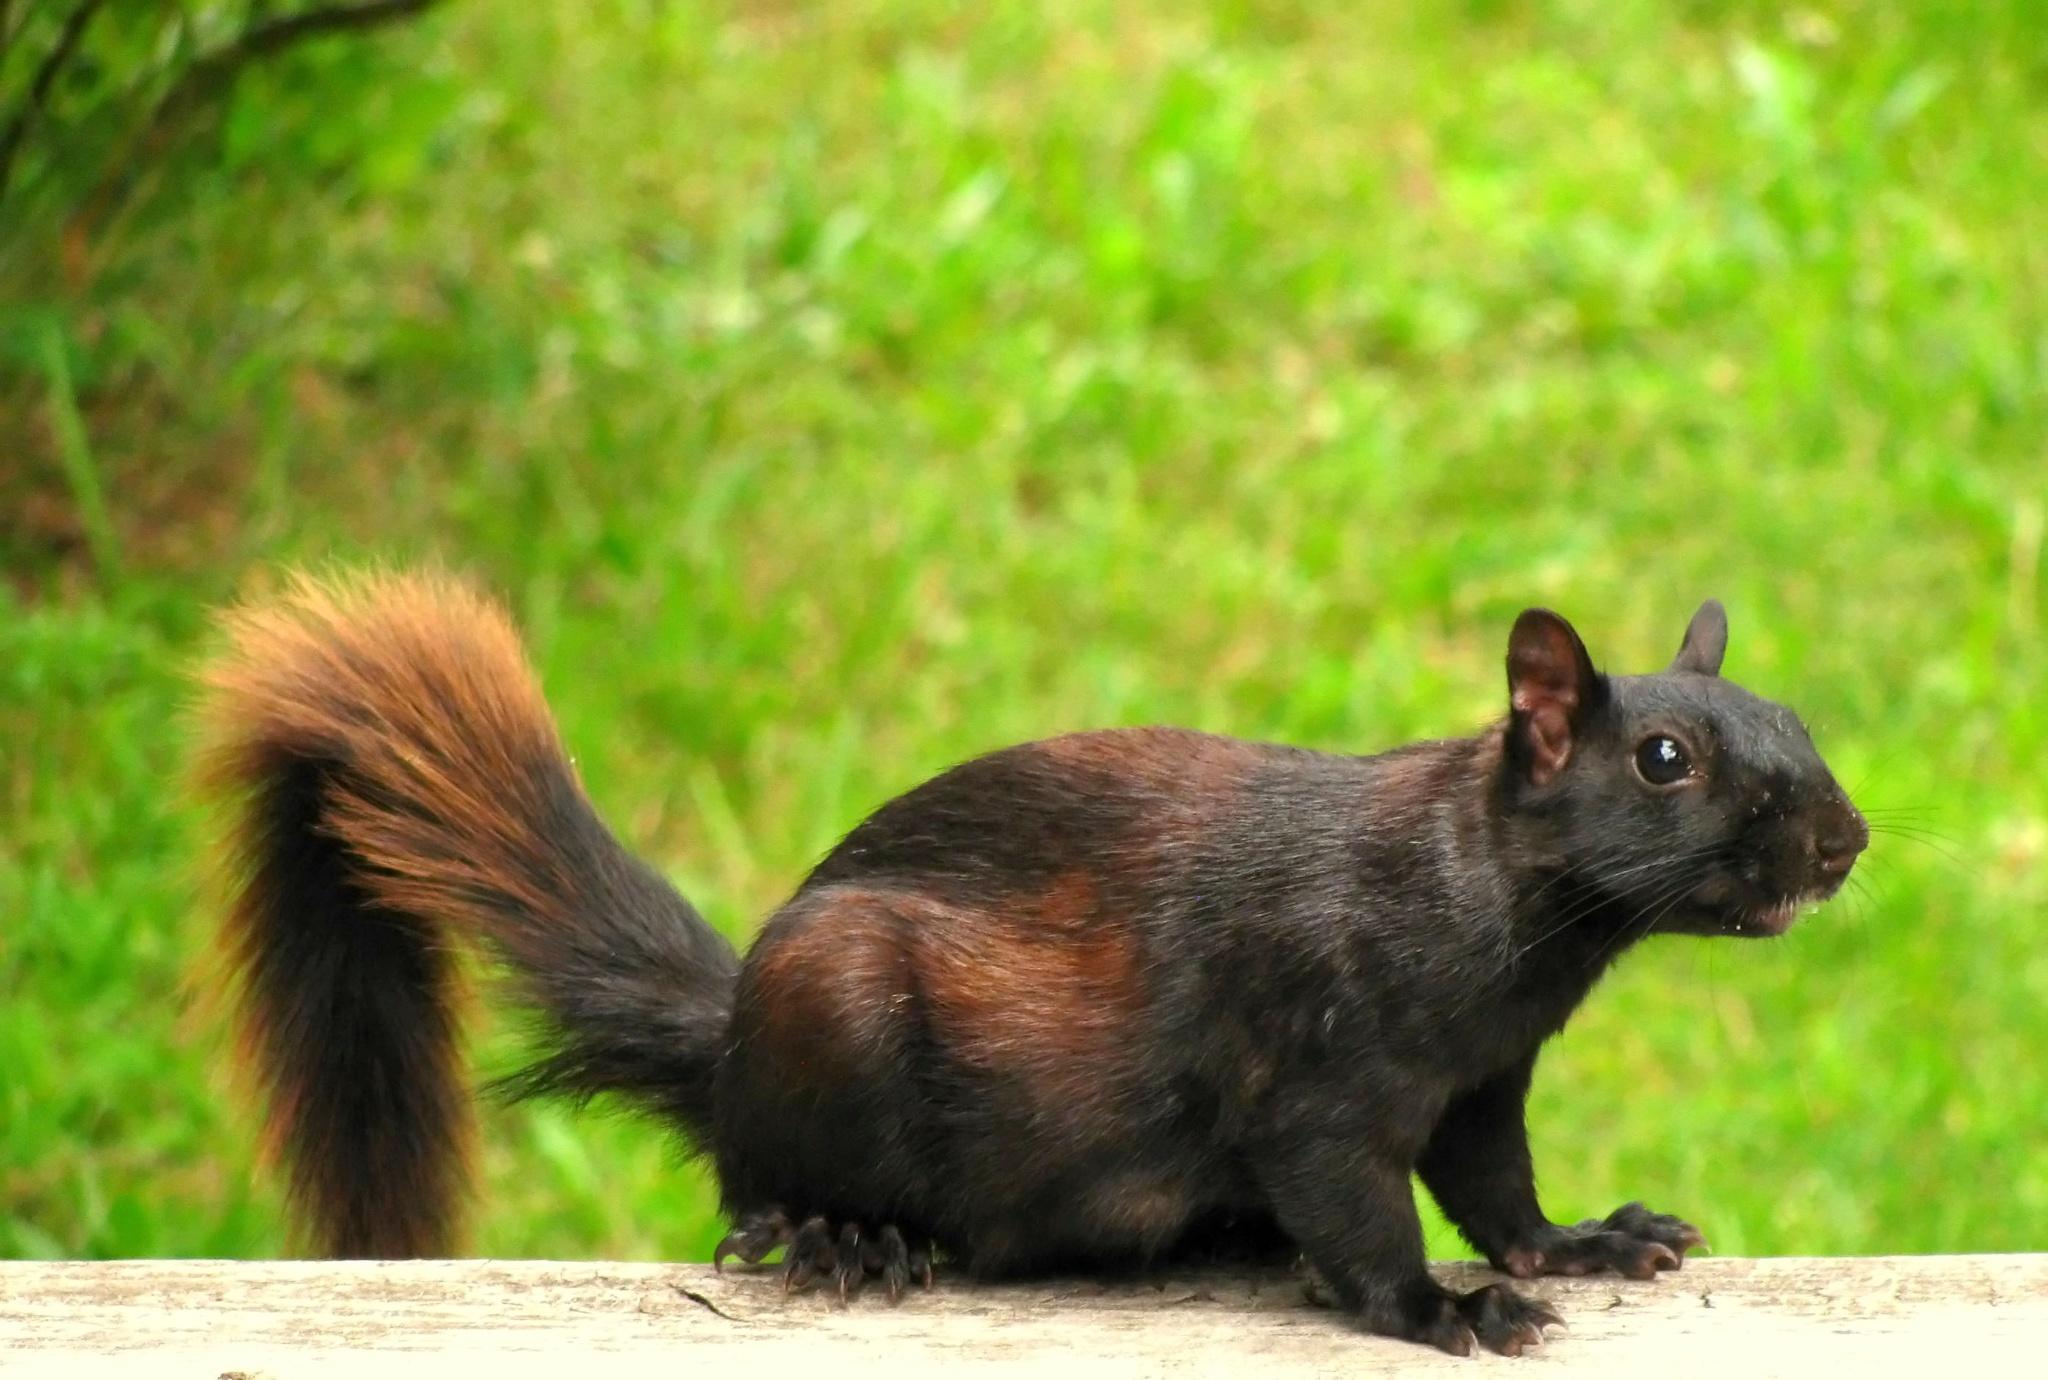 black squirrel by JudyKolka